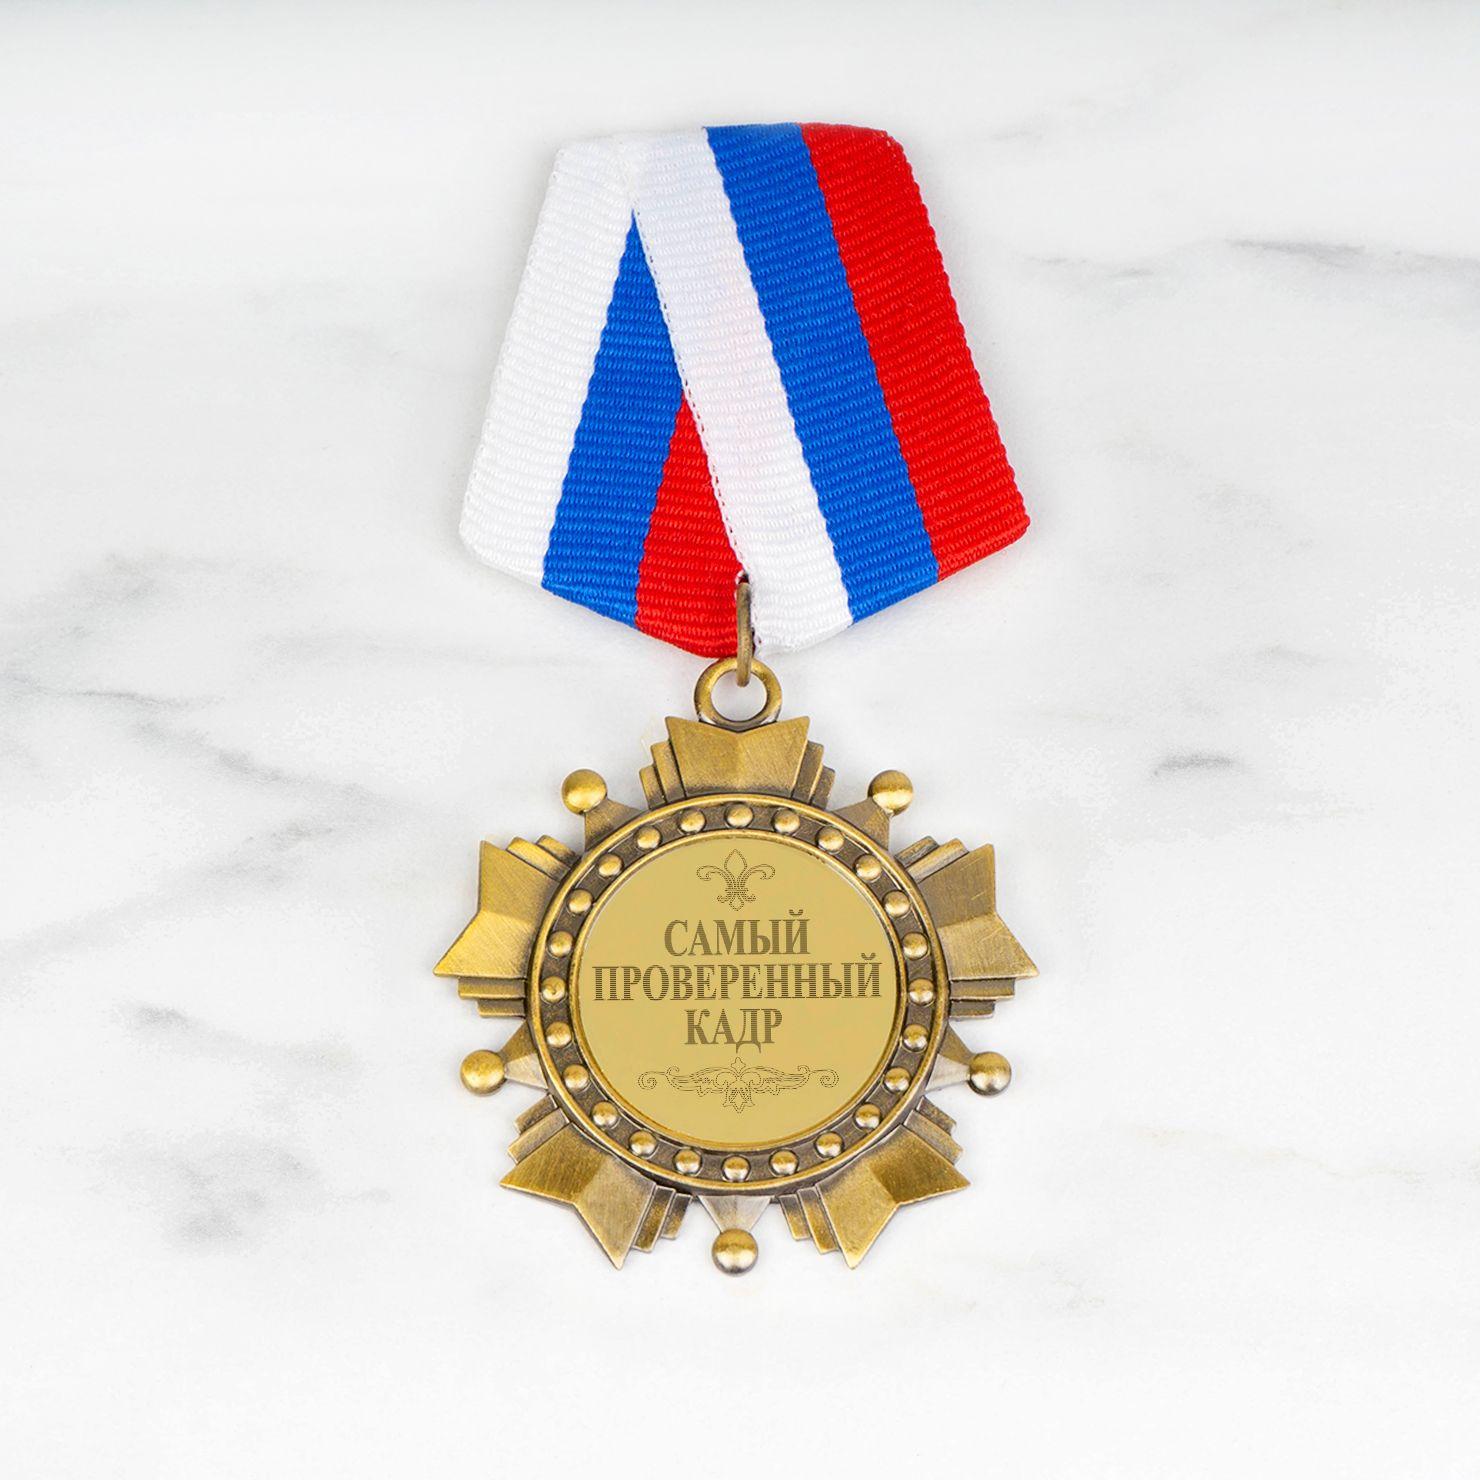 Орден *Самый проверенный кадр*